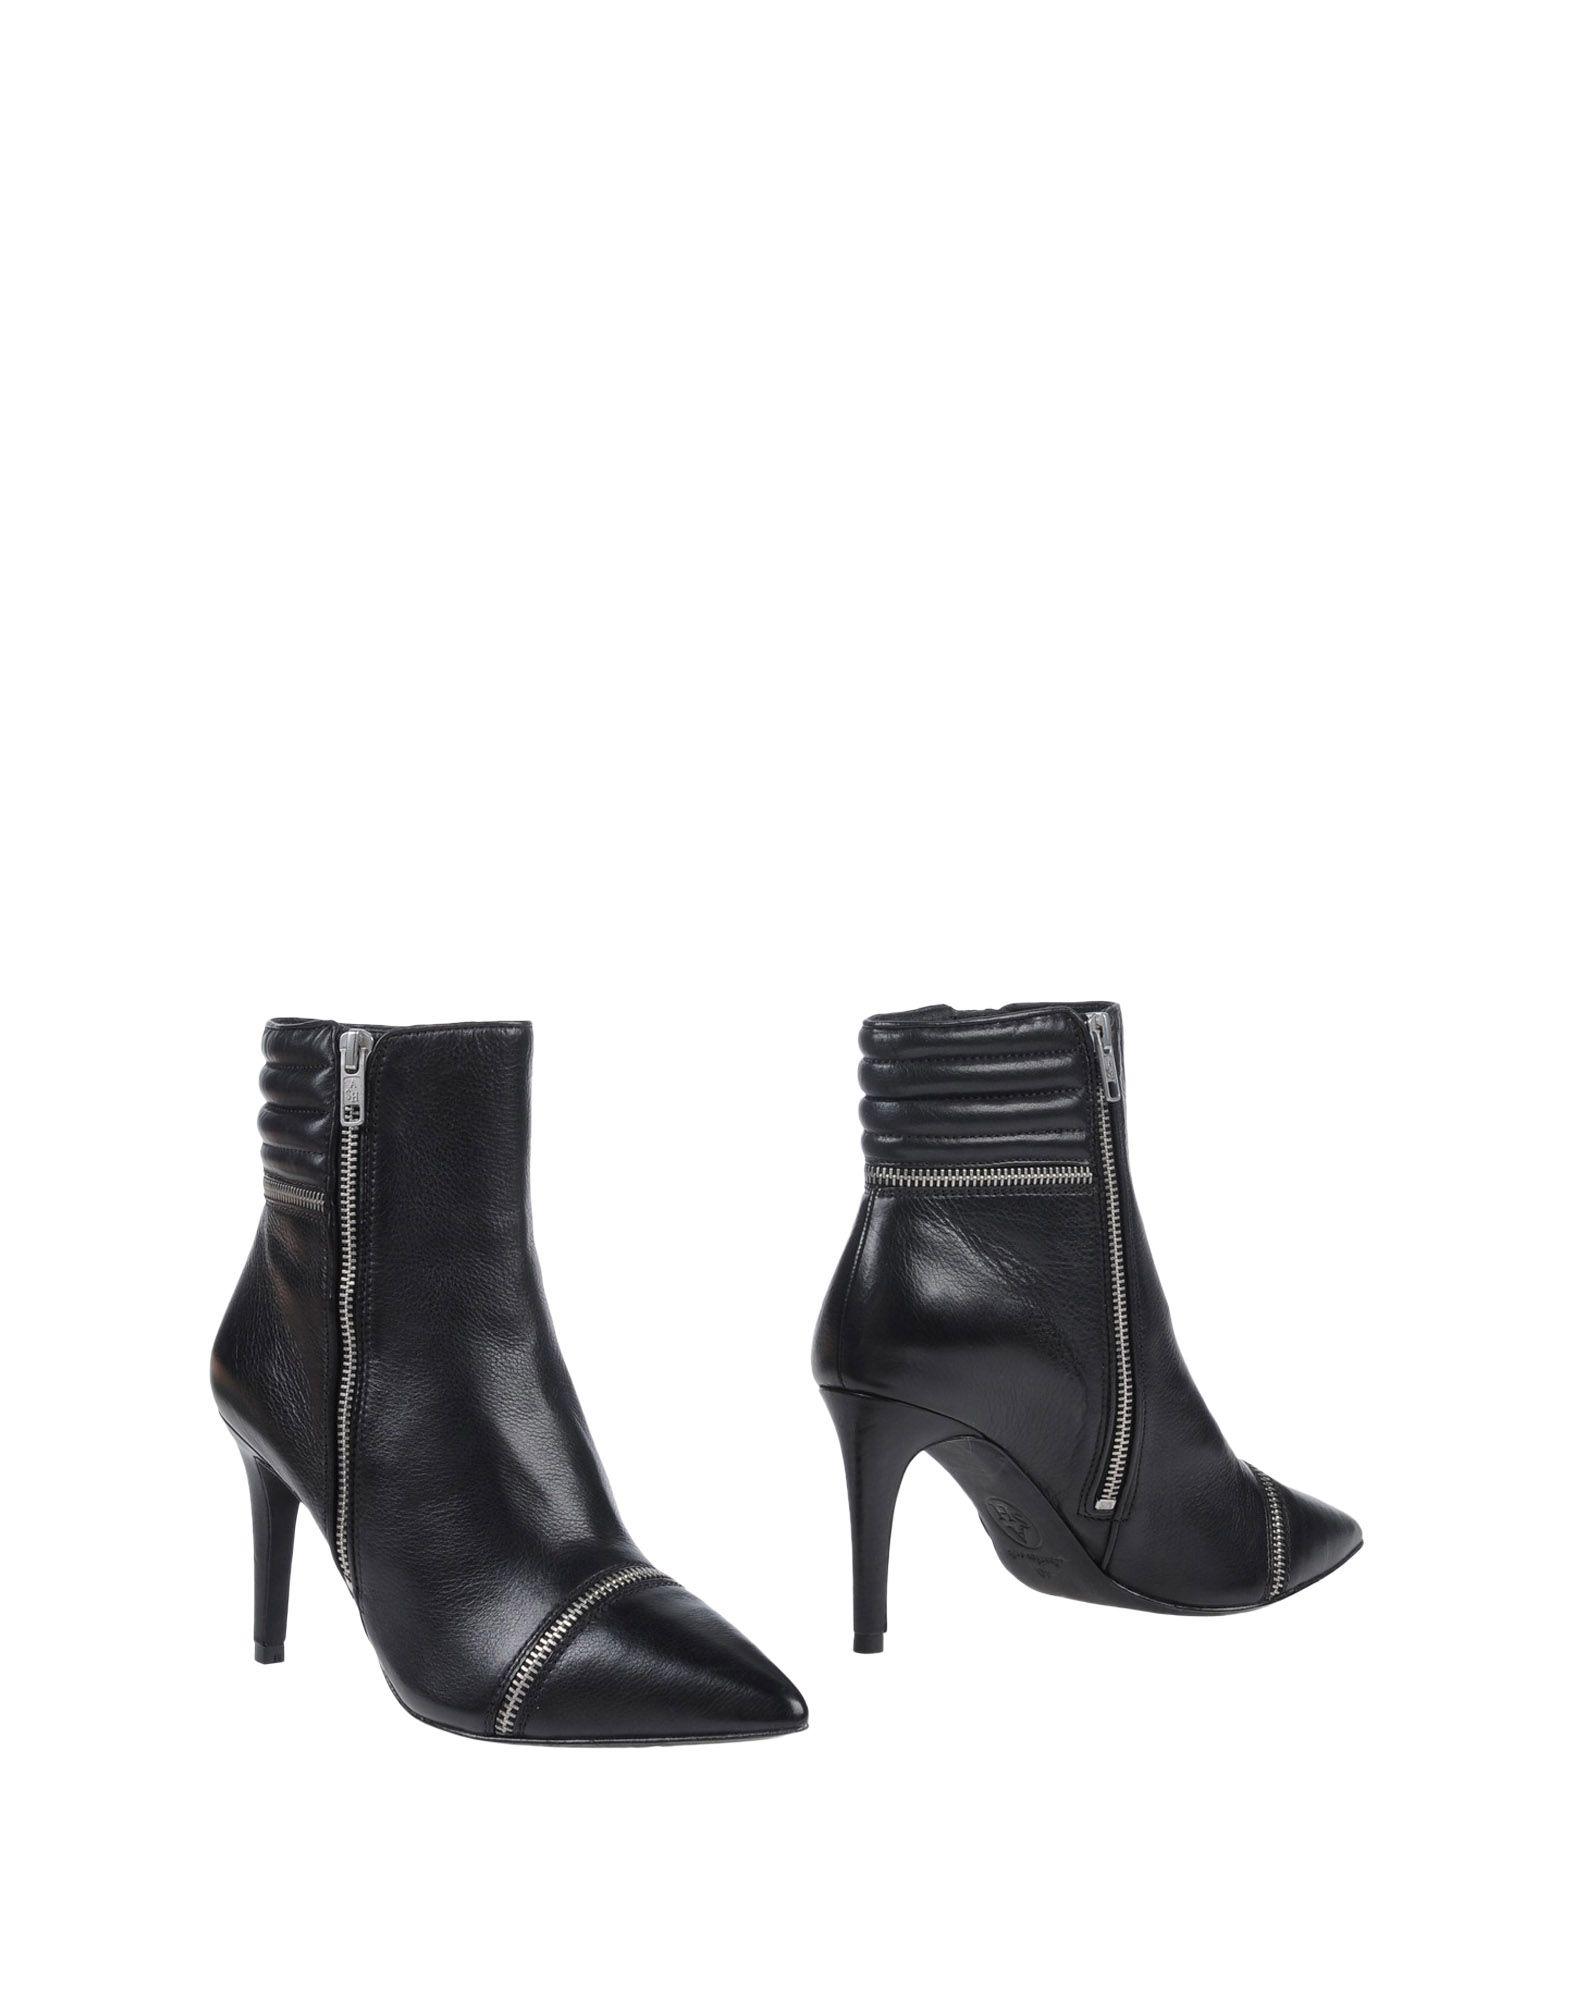 Haltbare Mode billige Schuhe Ash Stiefelette Damen  11407980HW Heiße Schuhe